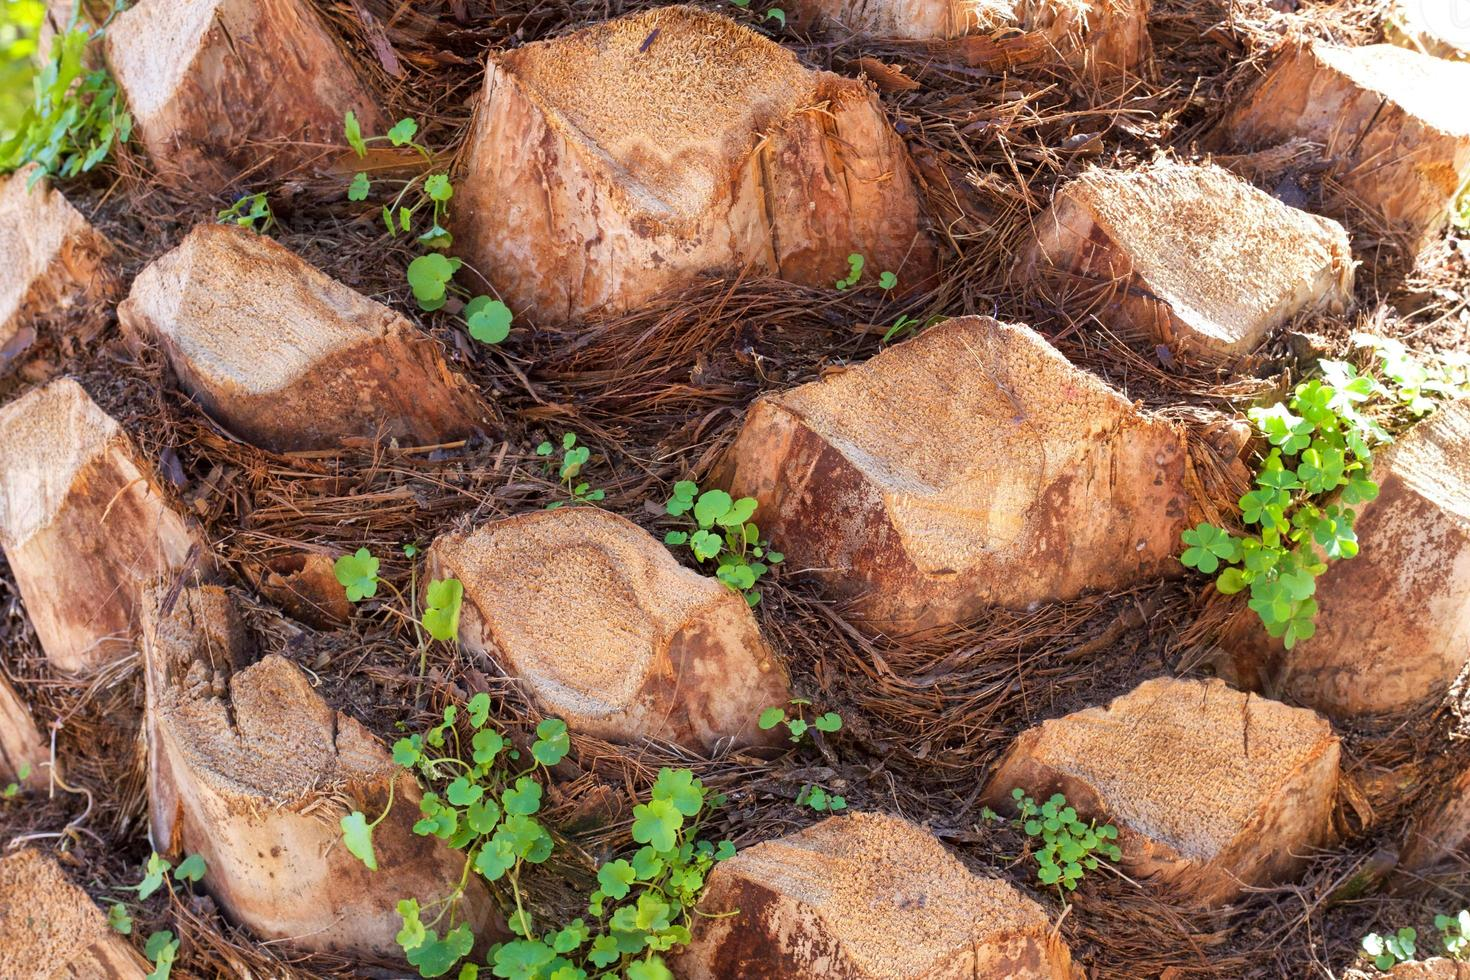 palmträd på nära håll. foto